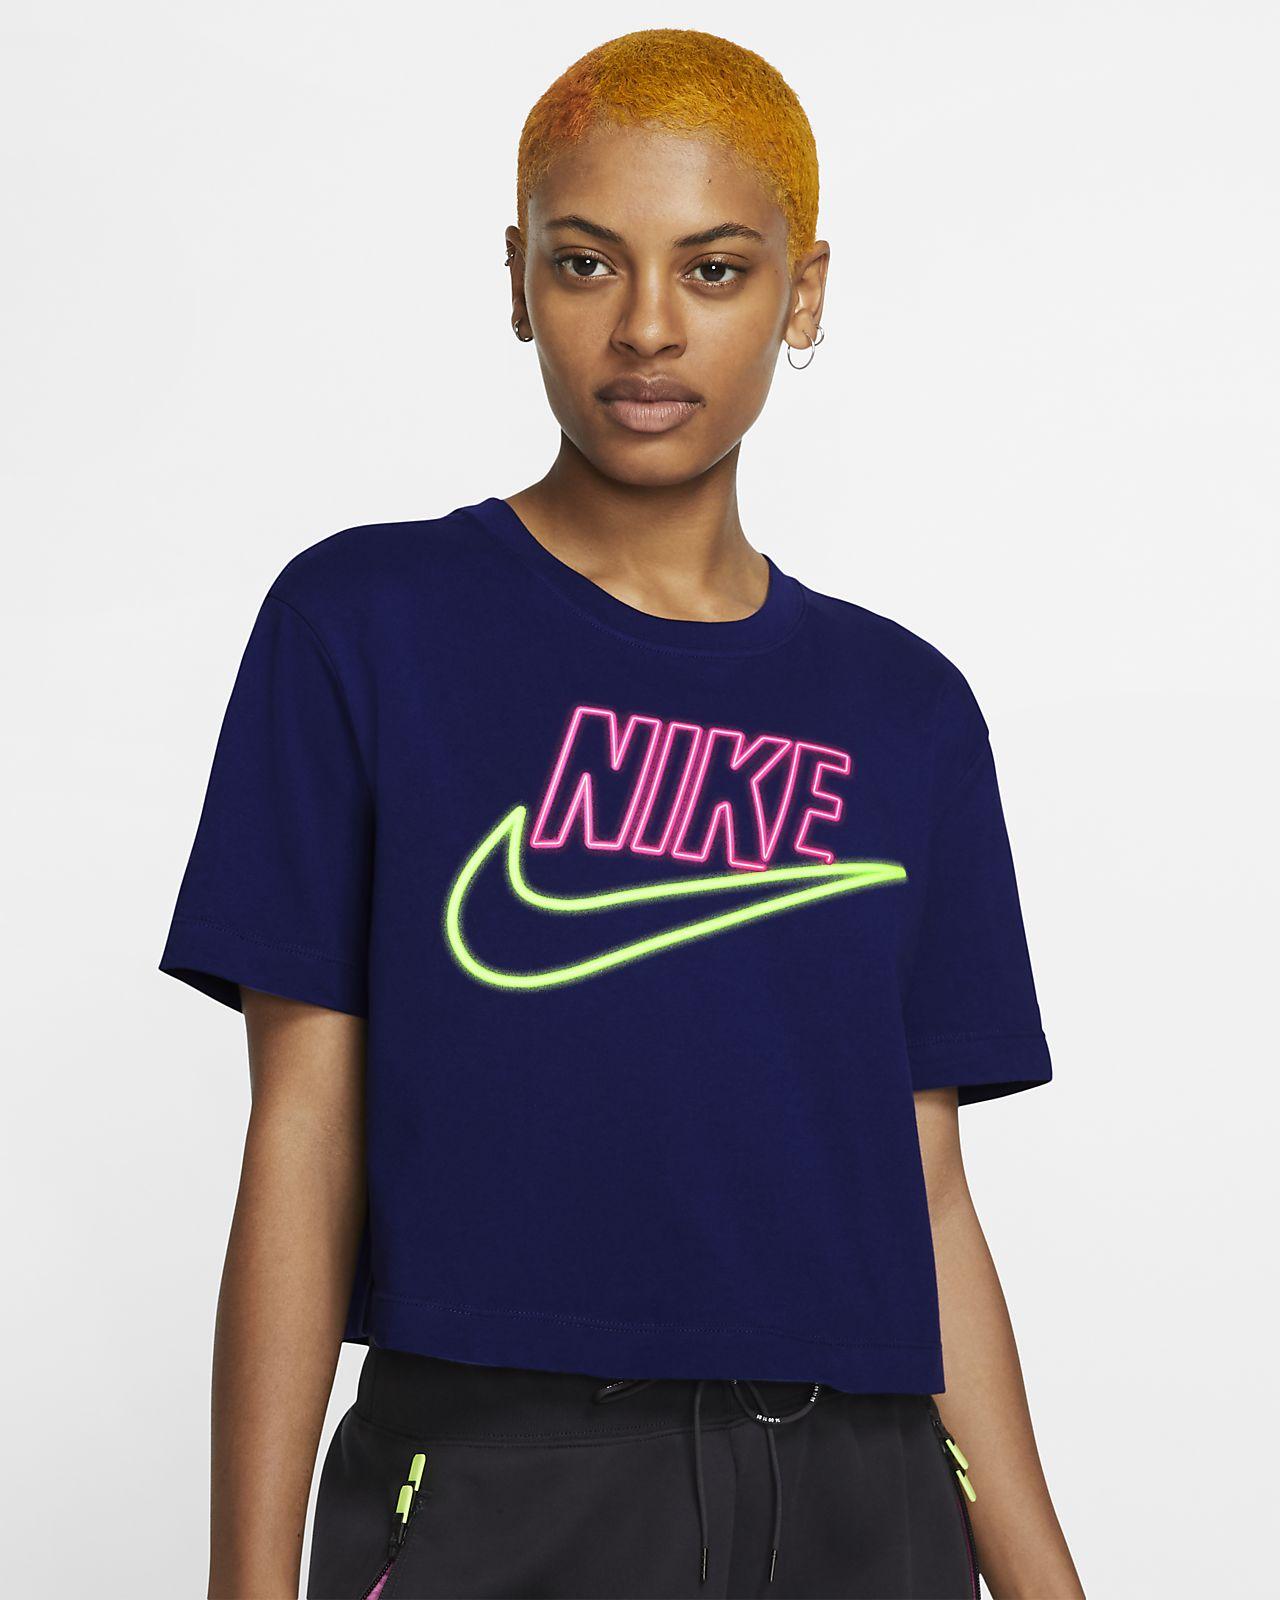 Nike Women's T Shirt